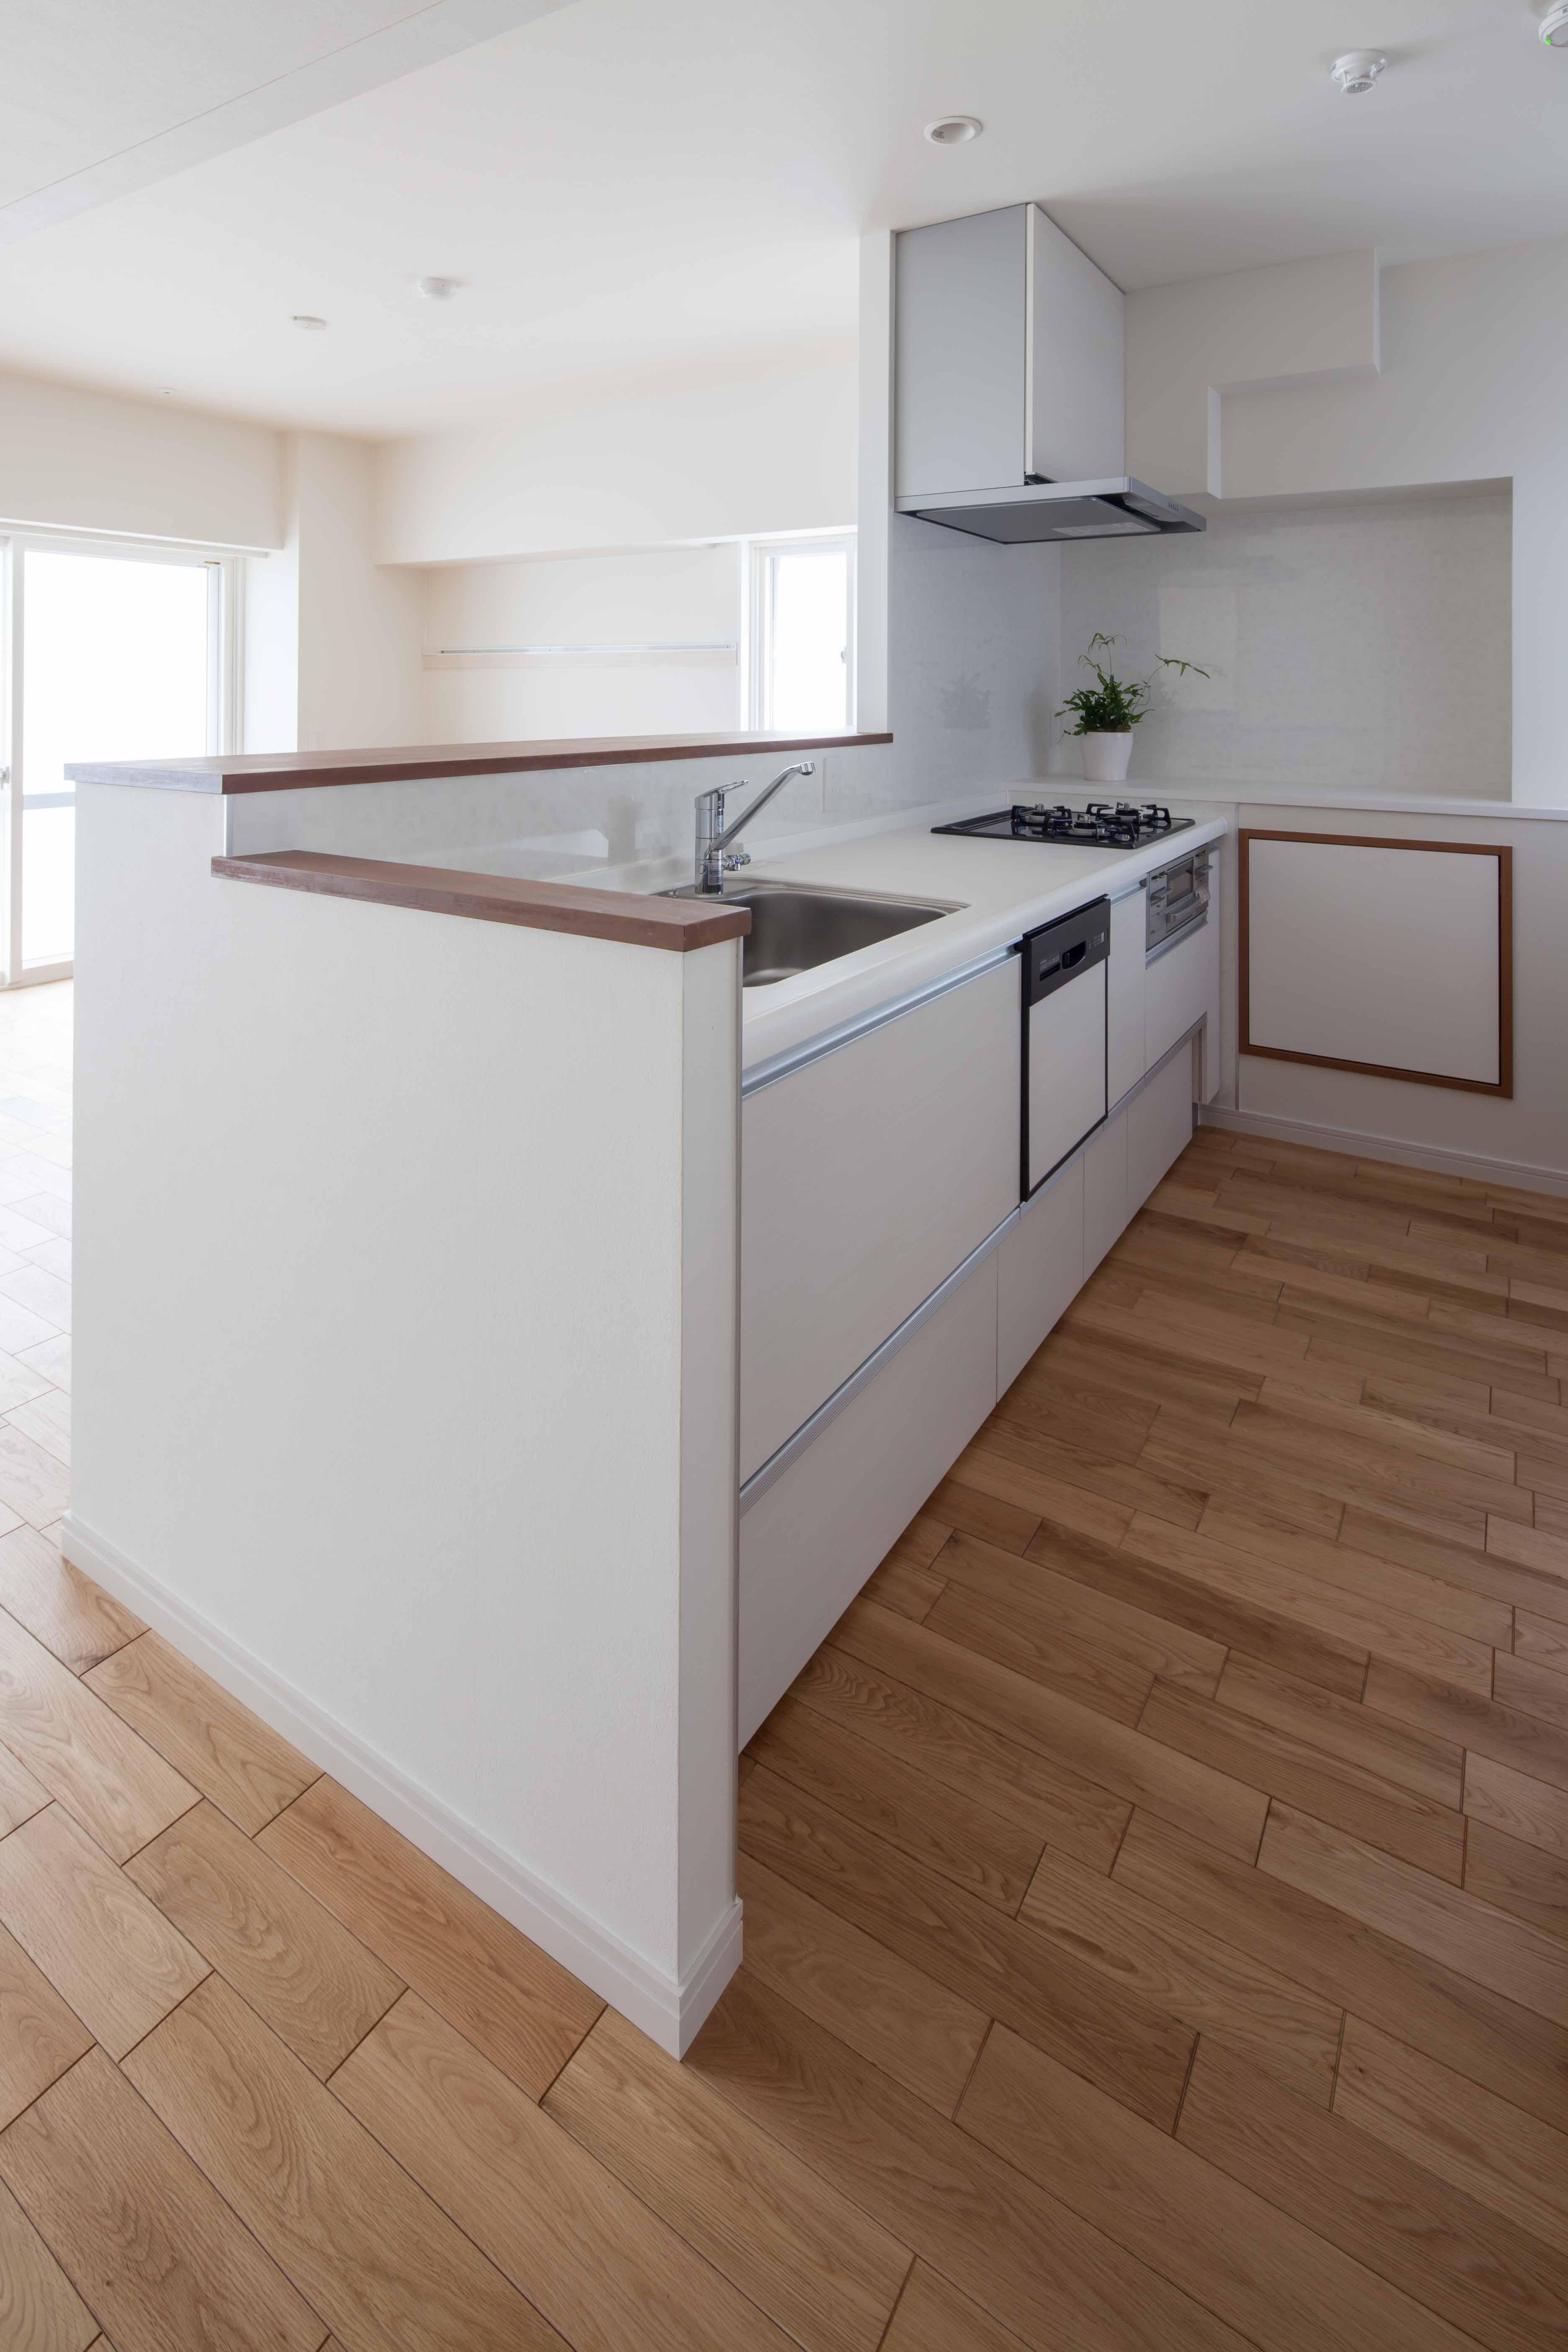 2つの風の通り道&自然素材の心地よさの部屋 キッチンは風通しよく、明るいオープン型のカウンタータイプ